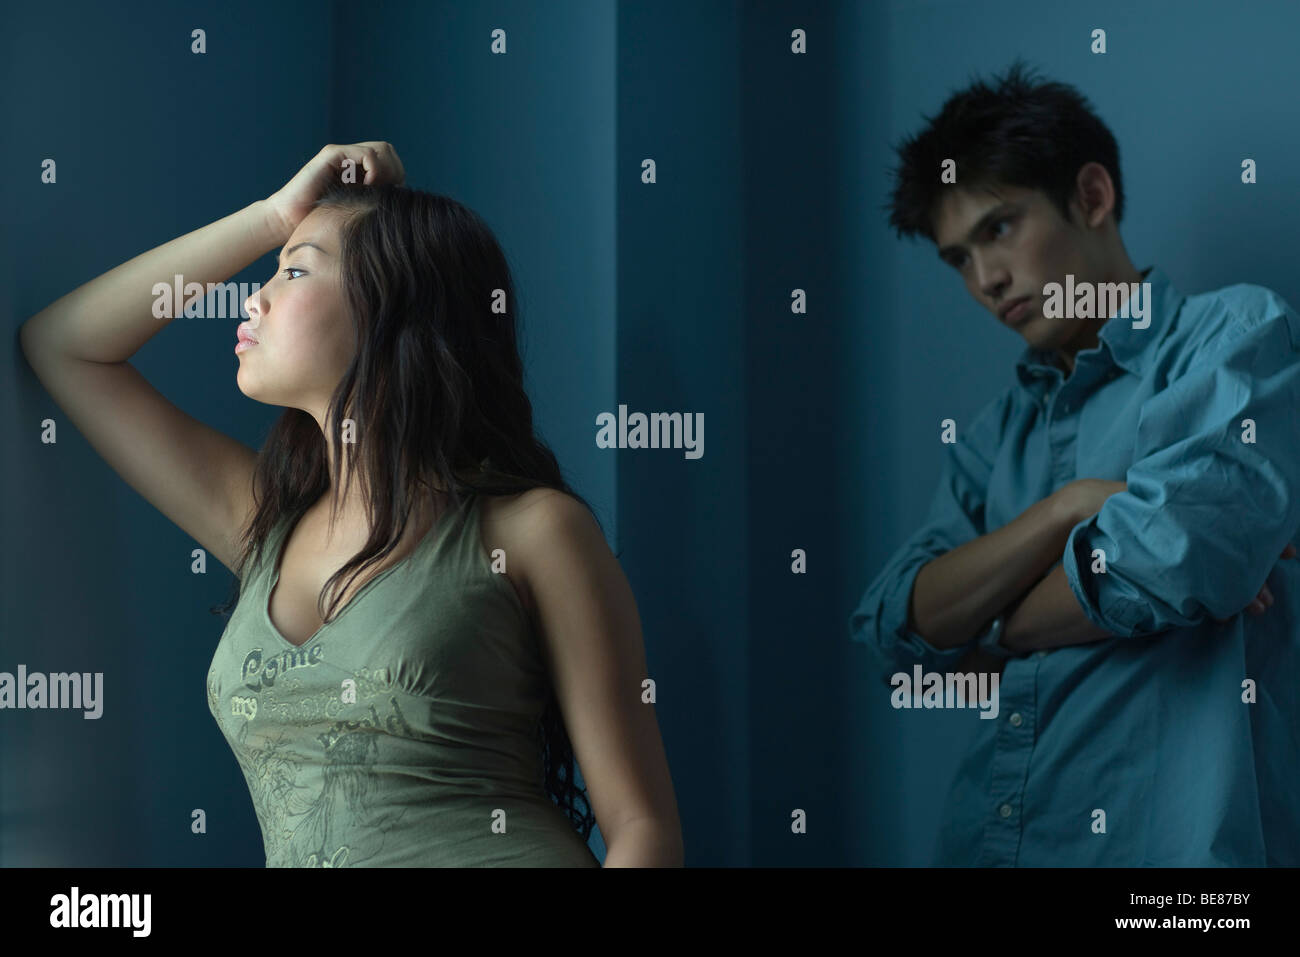 Jeune femme tenant tête et à l'écart, homme impatient debout derrière elle les bras croisés Banque D'Images